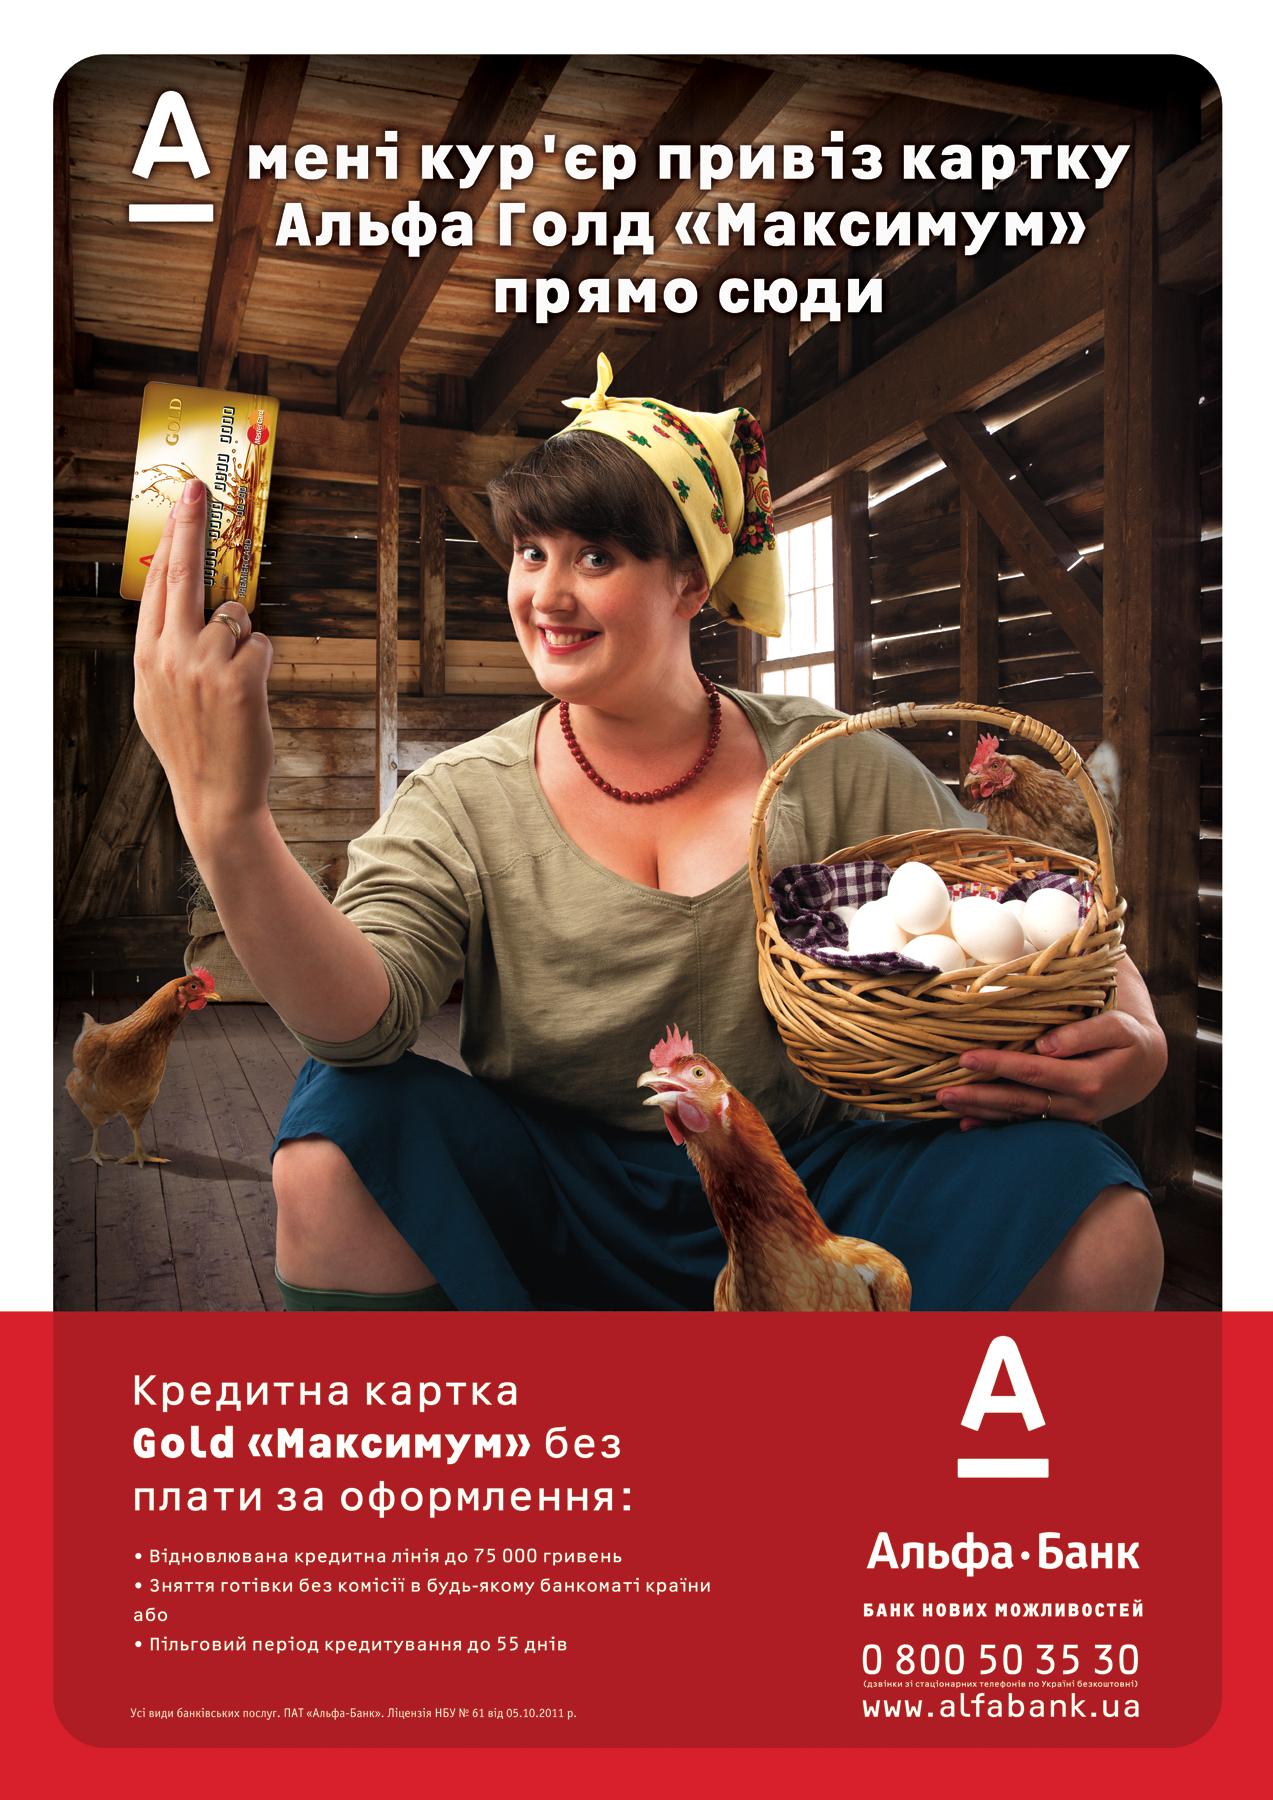 Православные и народные праздники на руси